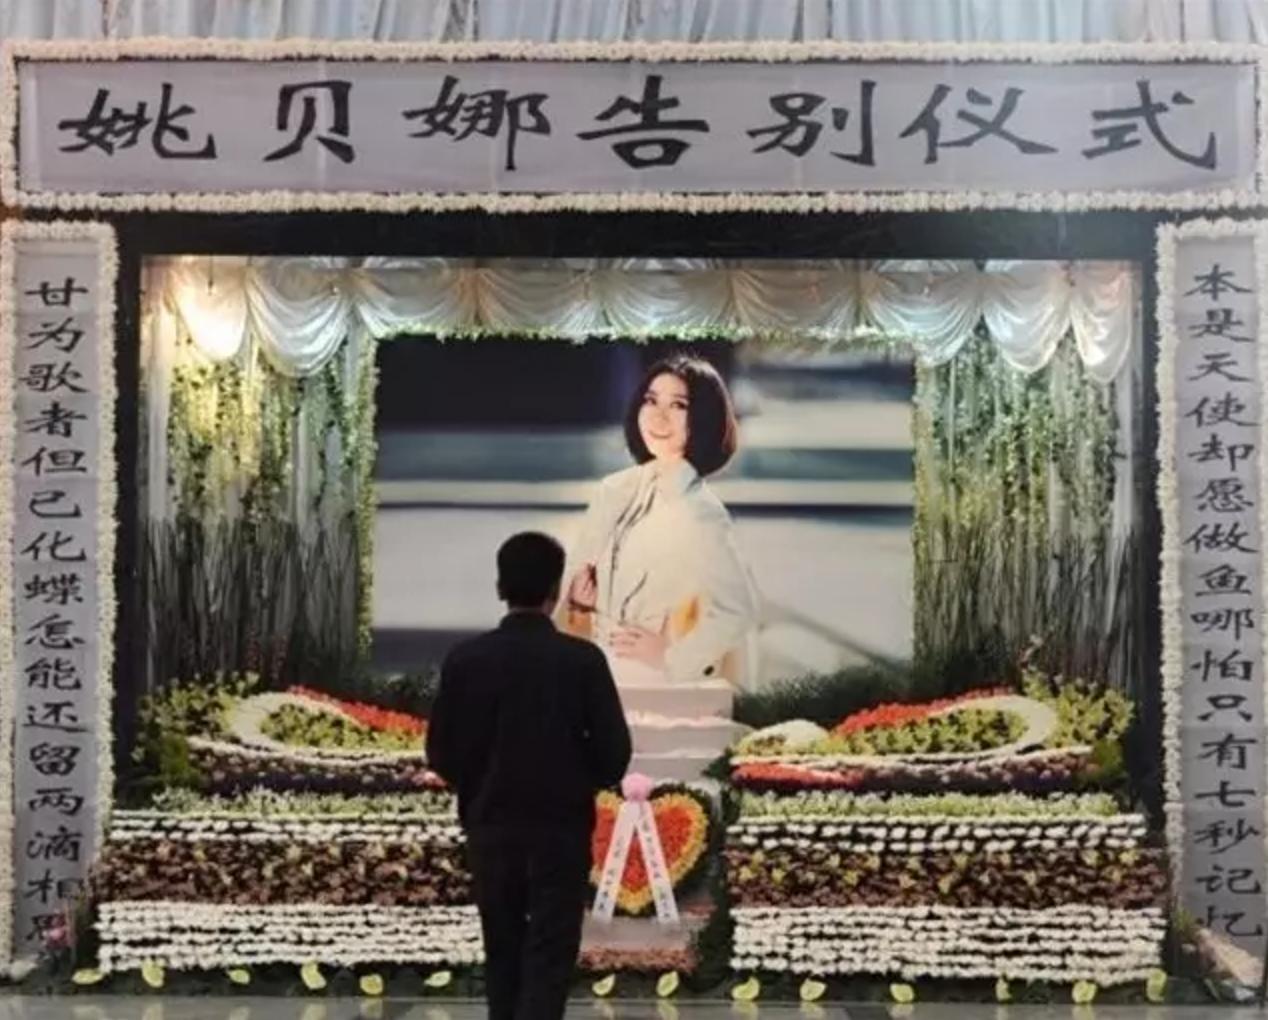 """四年前惊艳""""好声音""""的姚贝娜,虽遗憾病逝,却是永远的无冕之王"""